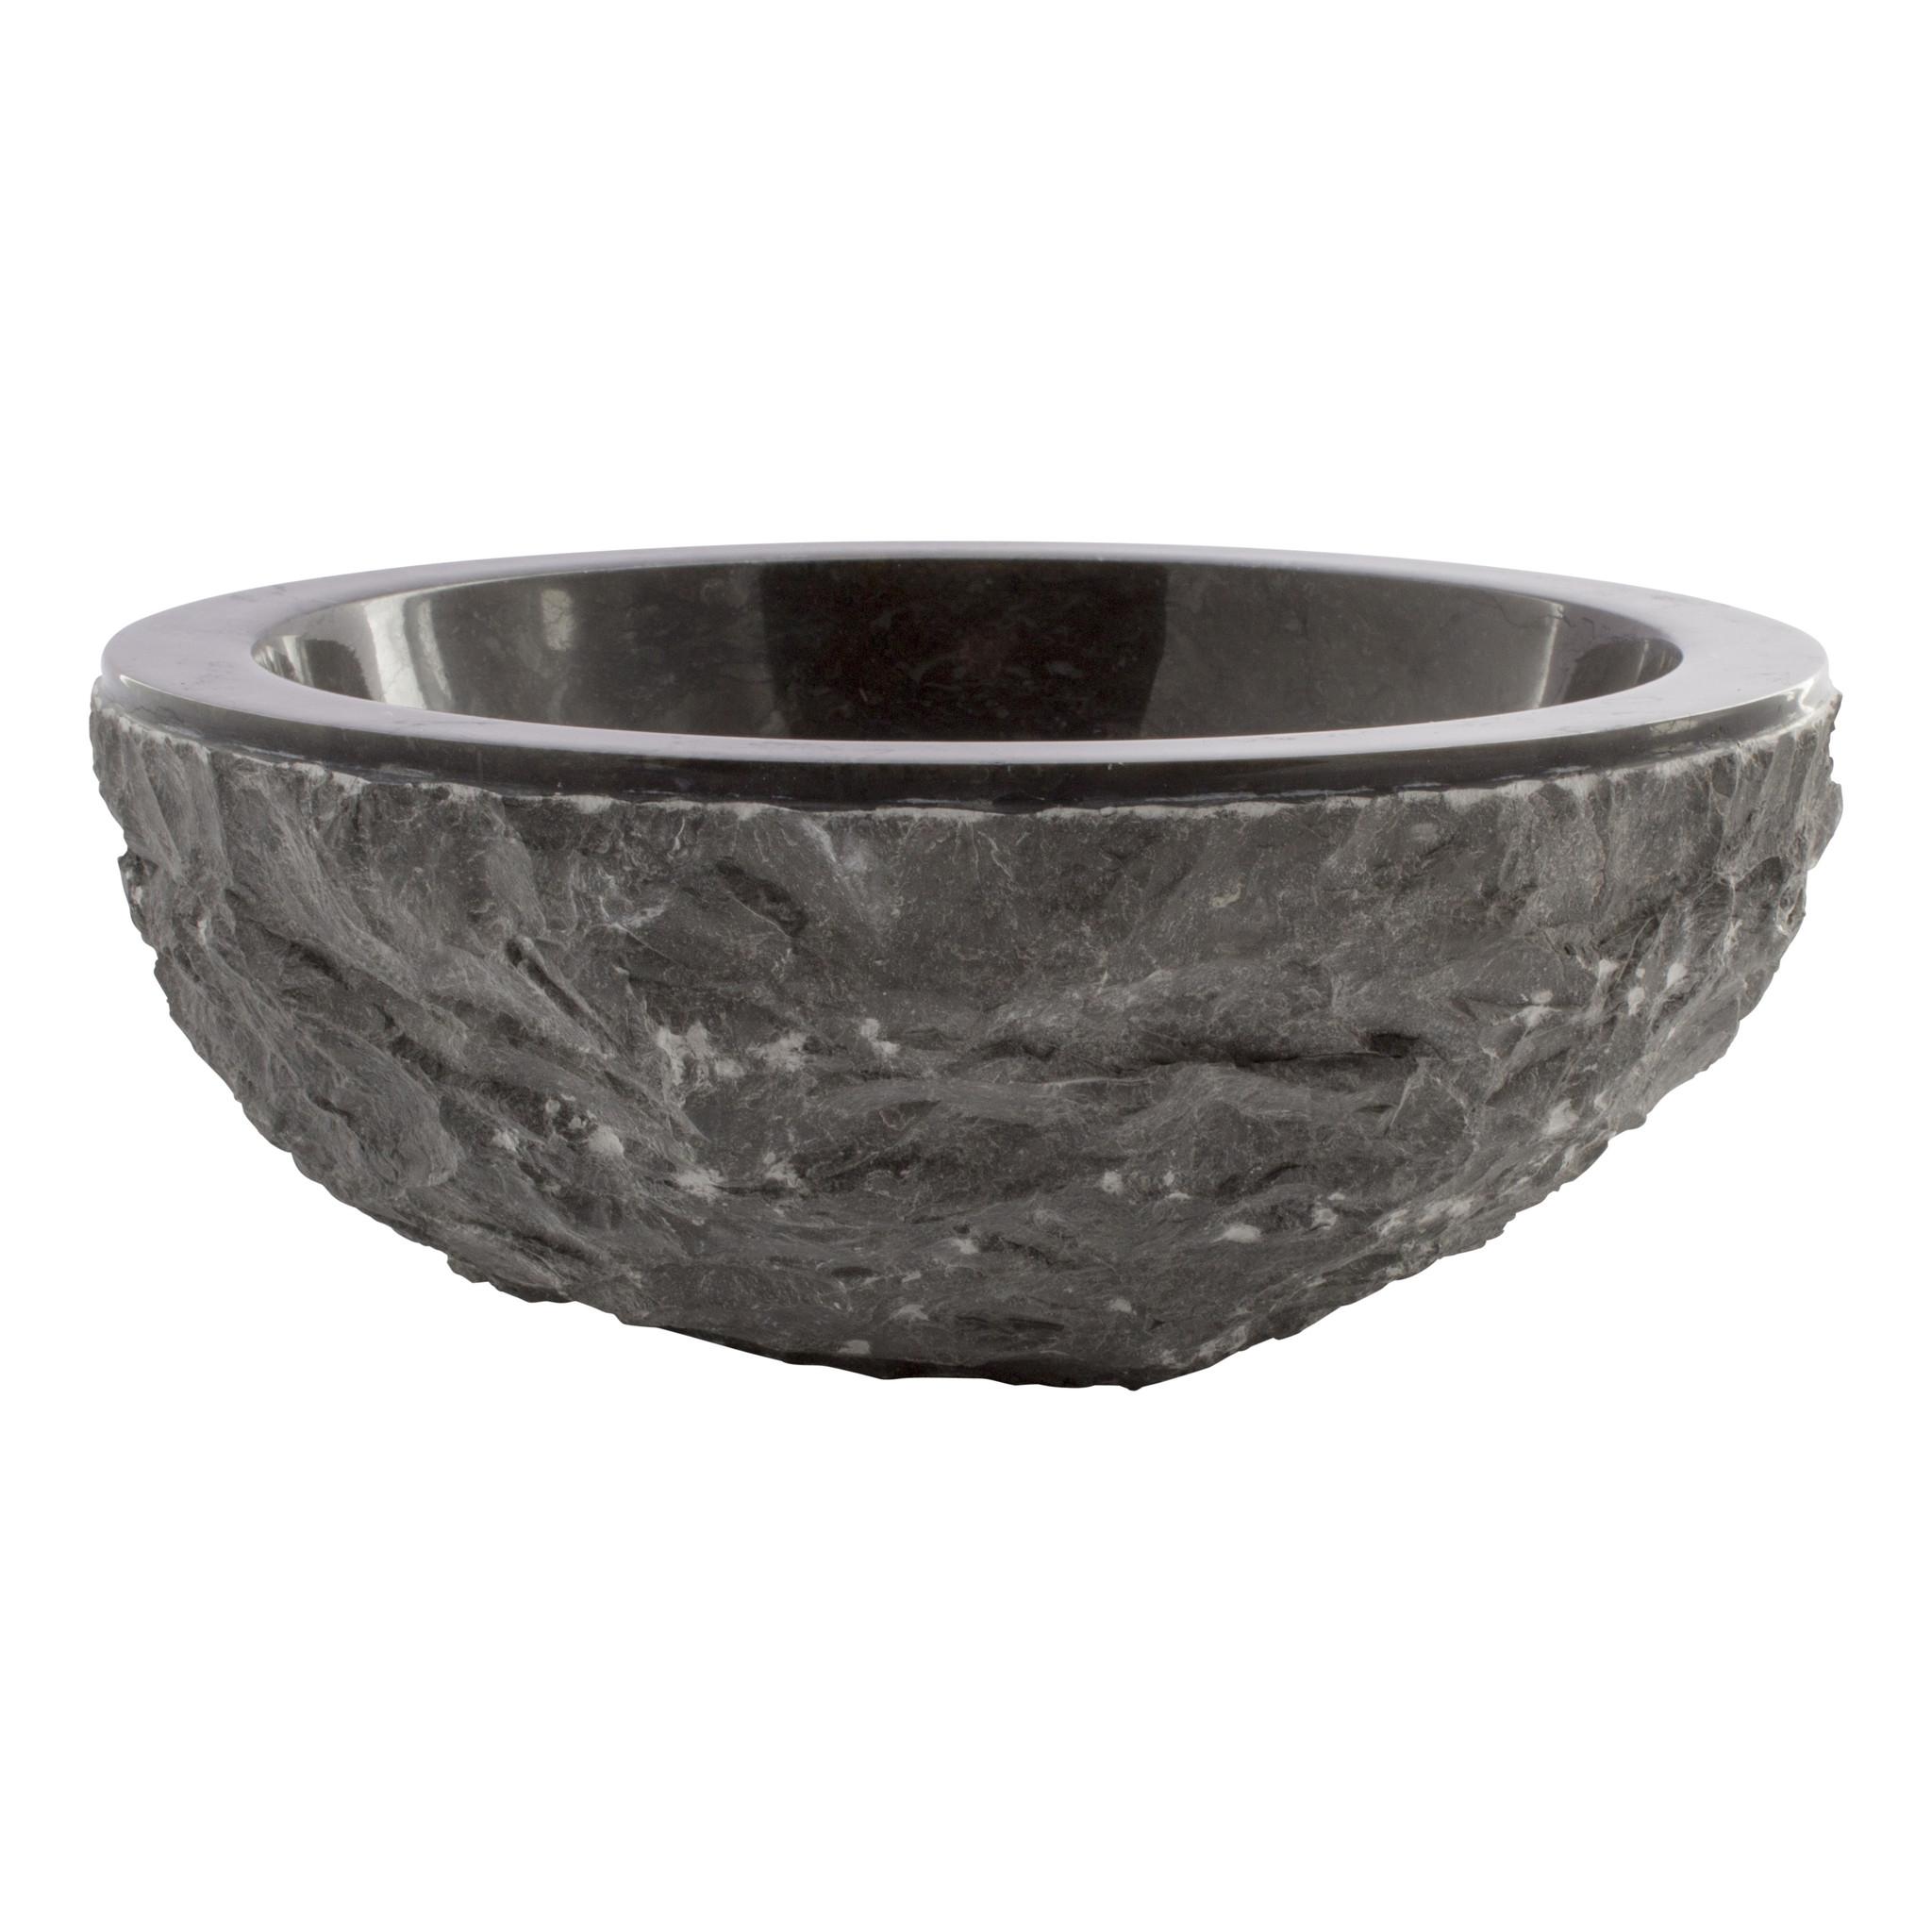 Indomarmer Schwarz Marmor Waschbecken Full-Marmo  Ø 30 x H 12 cm